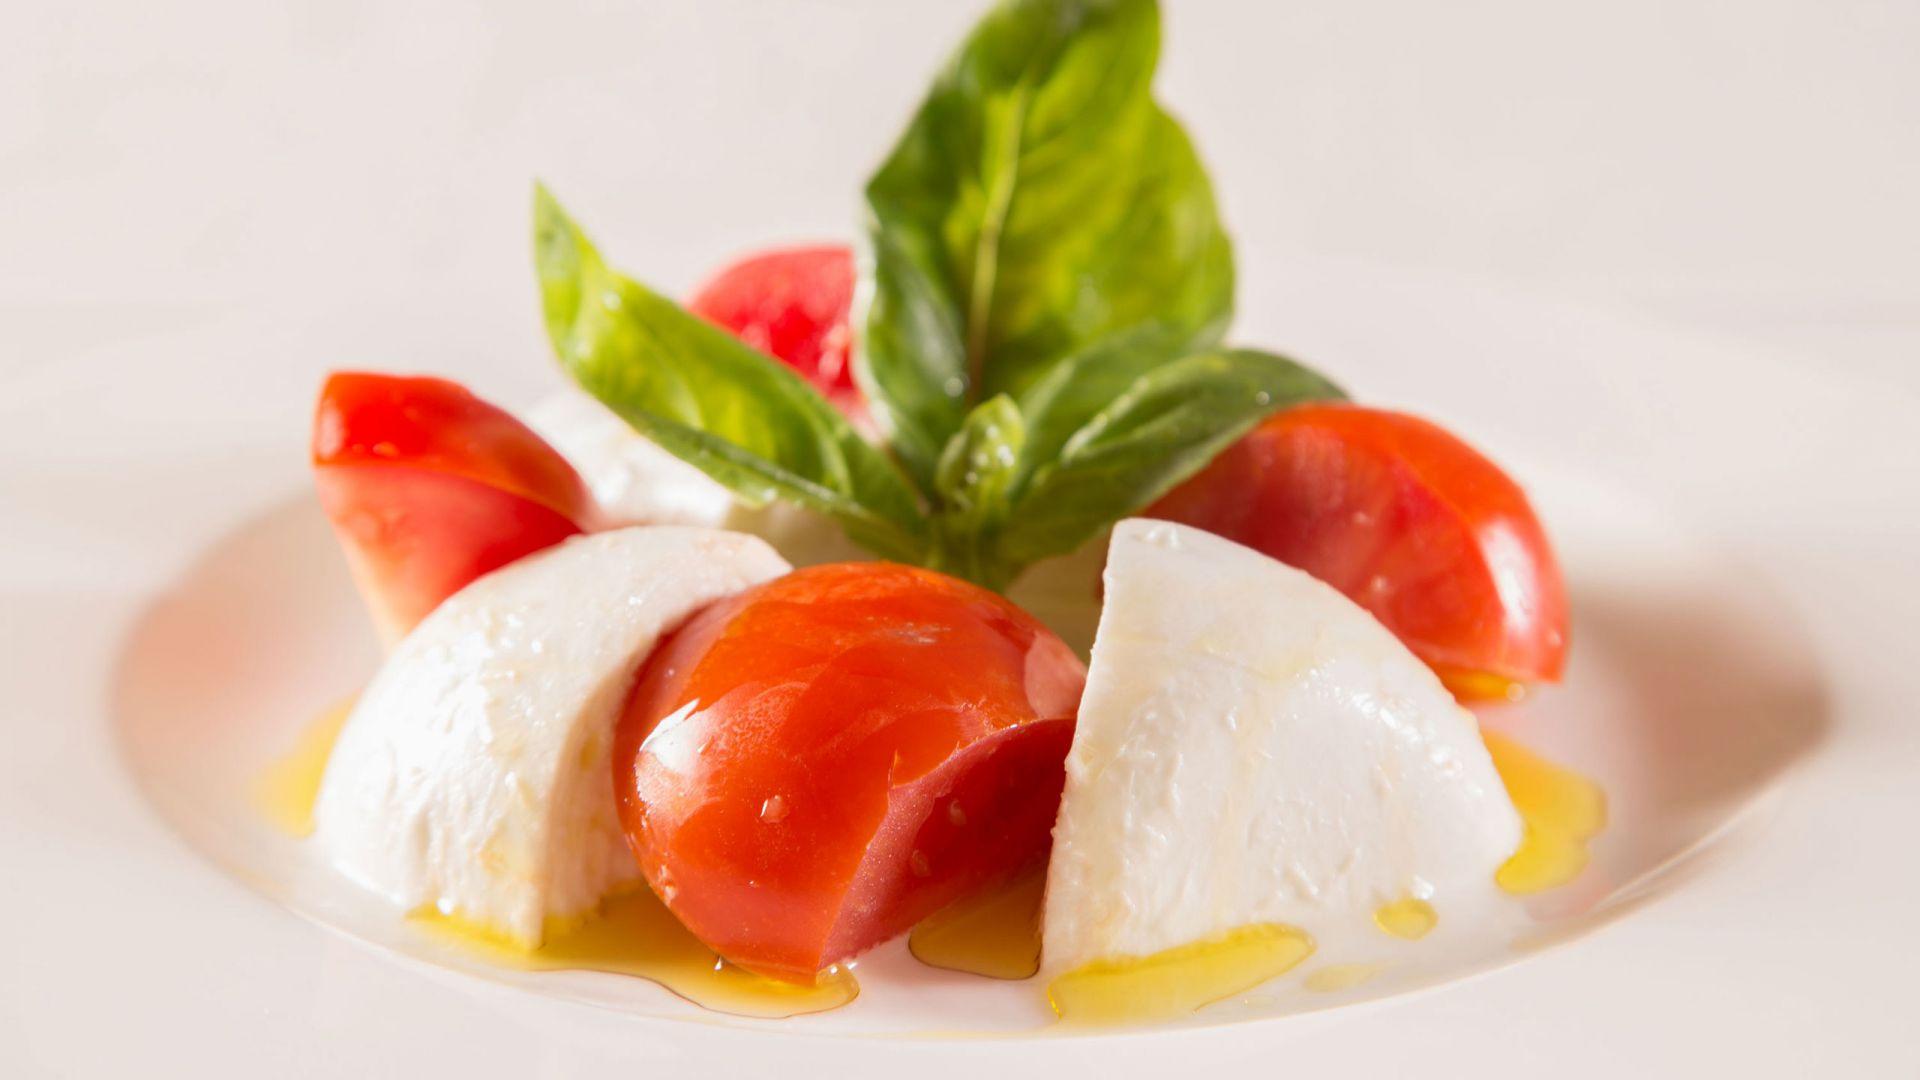 albergo-ottocento-rome-nourriture-01